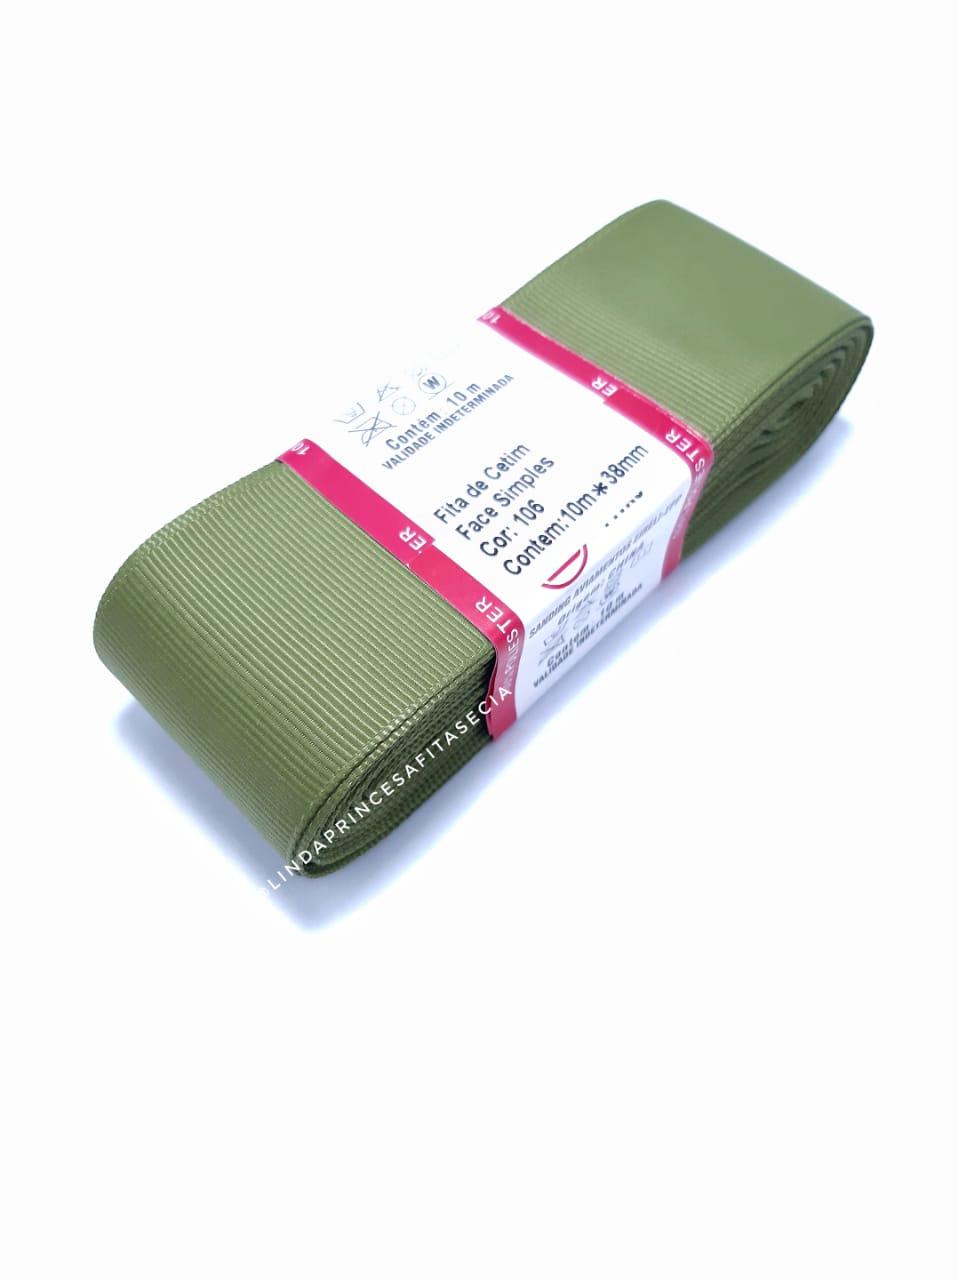 FITA SANDING 38 mm - Cor: 106 Verde Oliva.